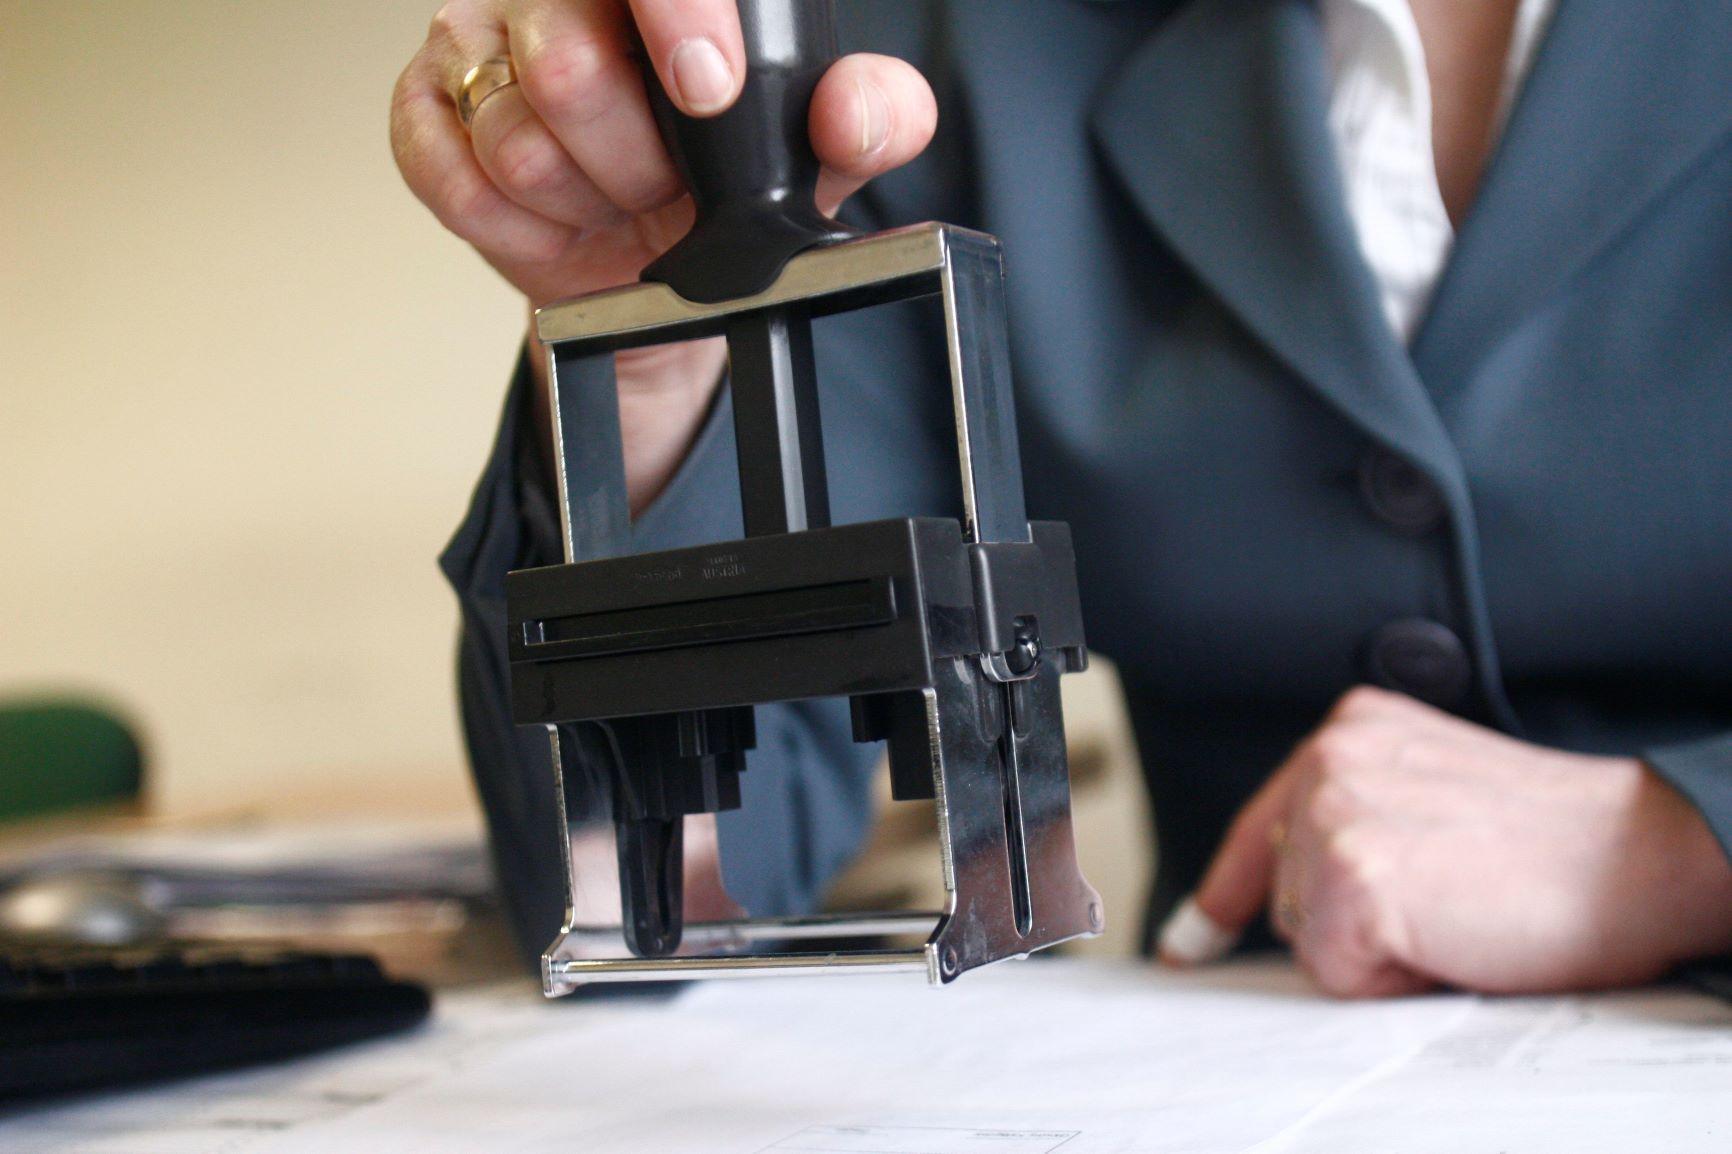 Zasady przekazywania na żądanie urzędników ksiąg podatkowych wformie JPK